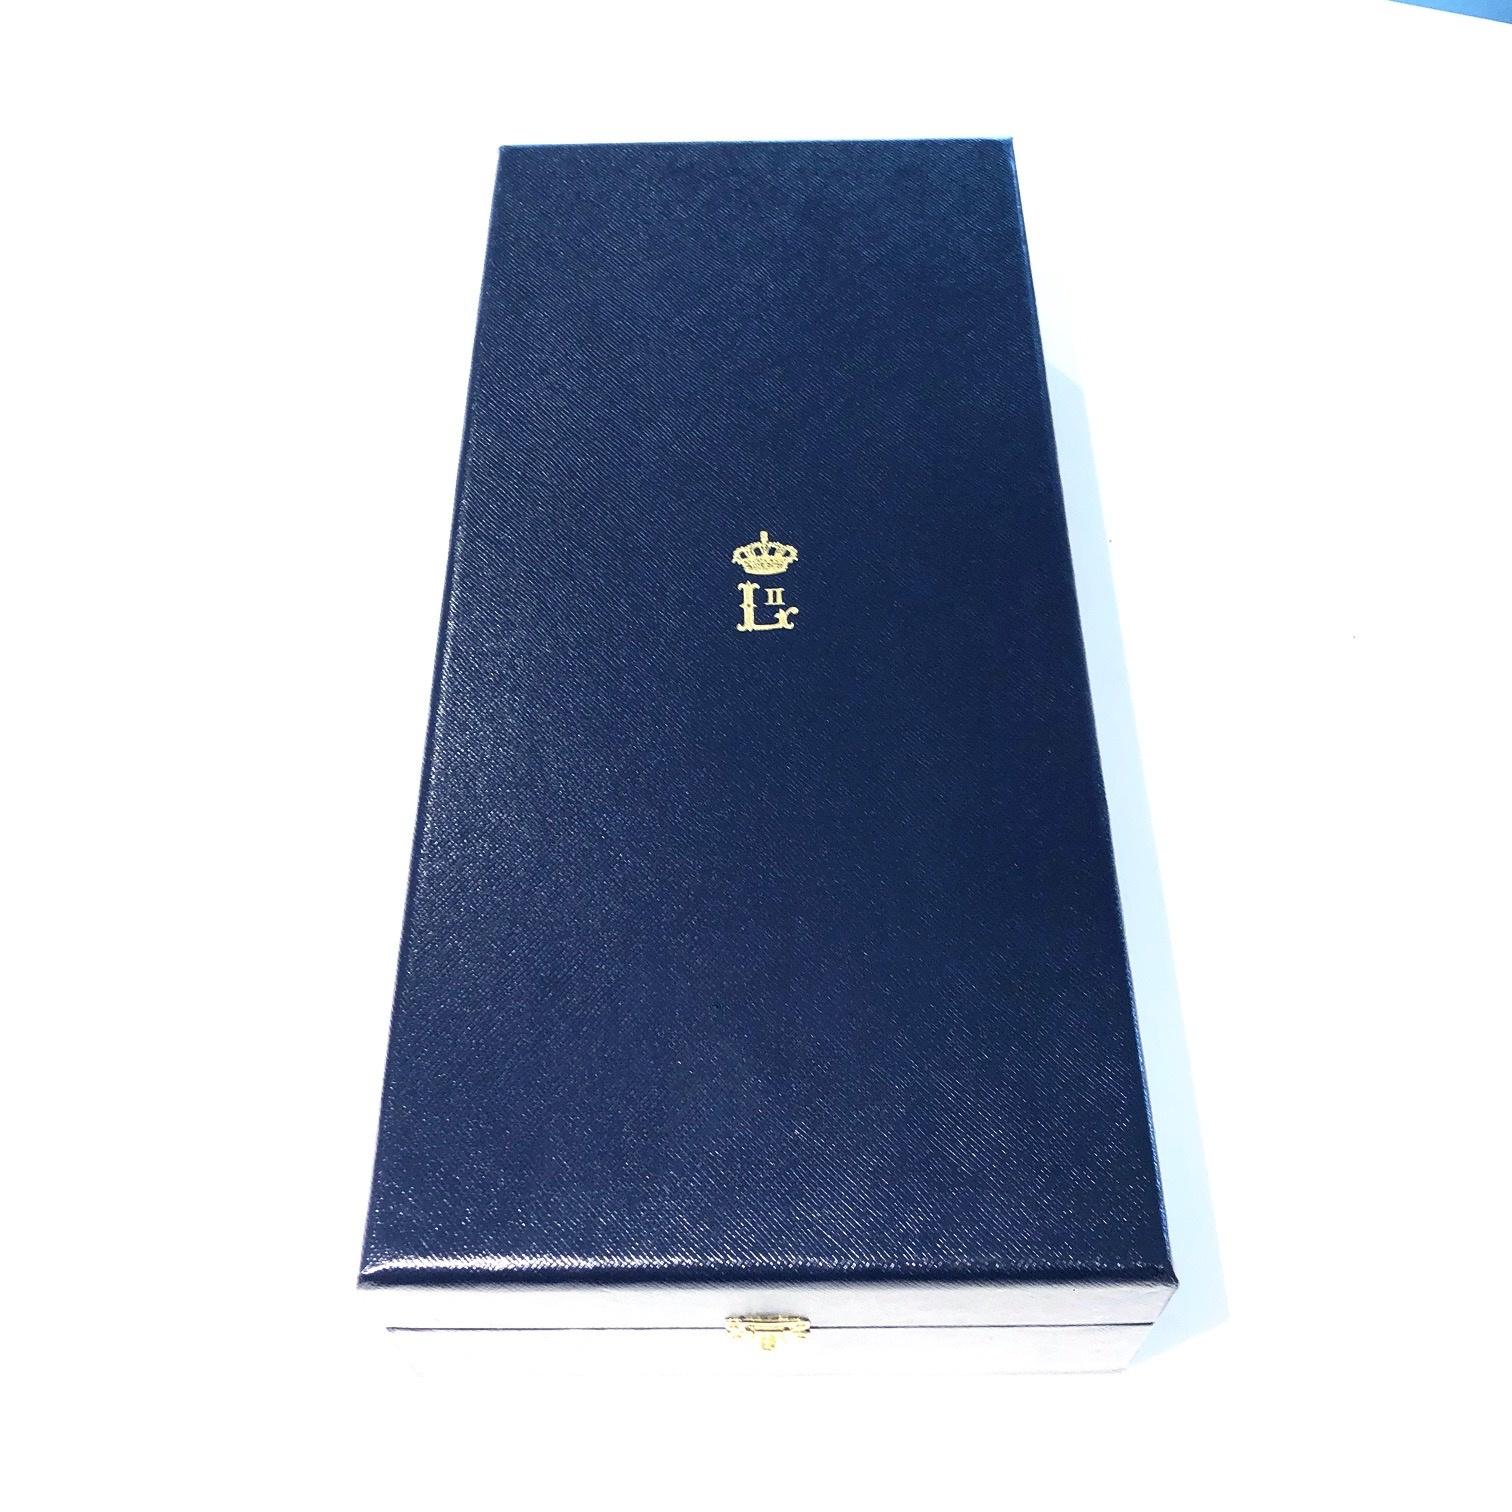 Écrin pour Grand-Croix de l'Ordre de Léopold II